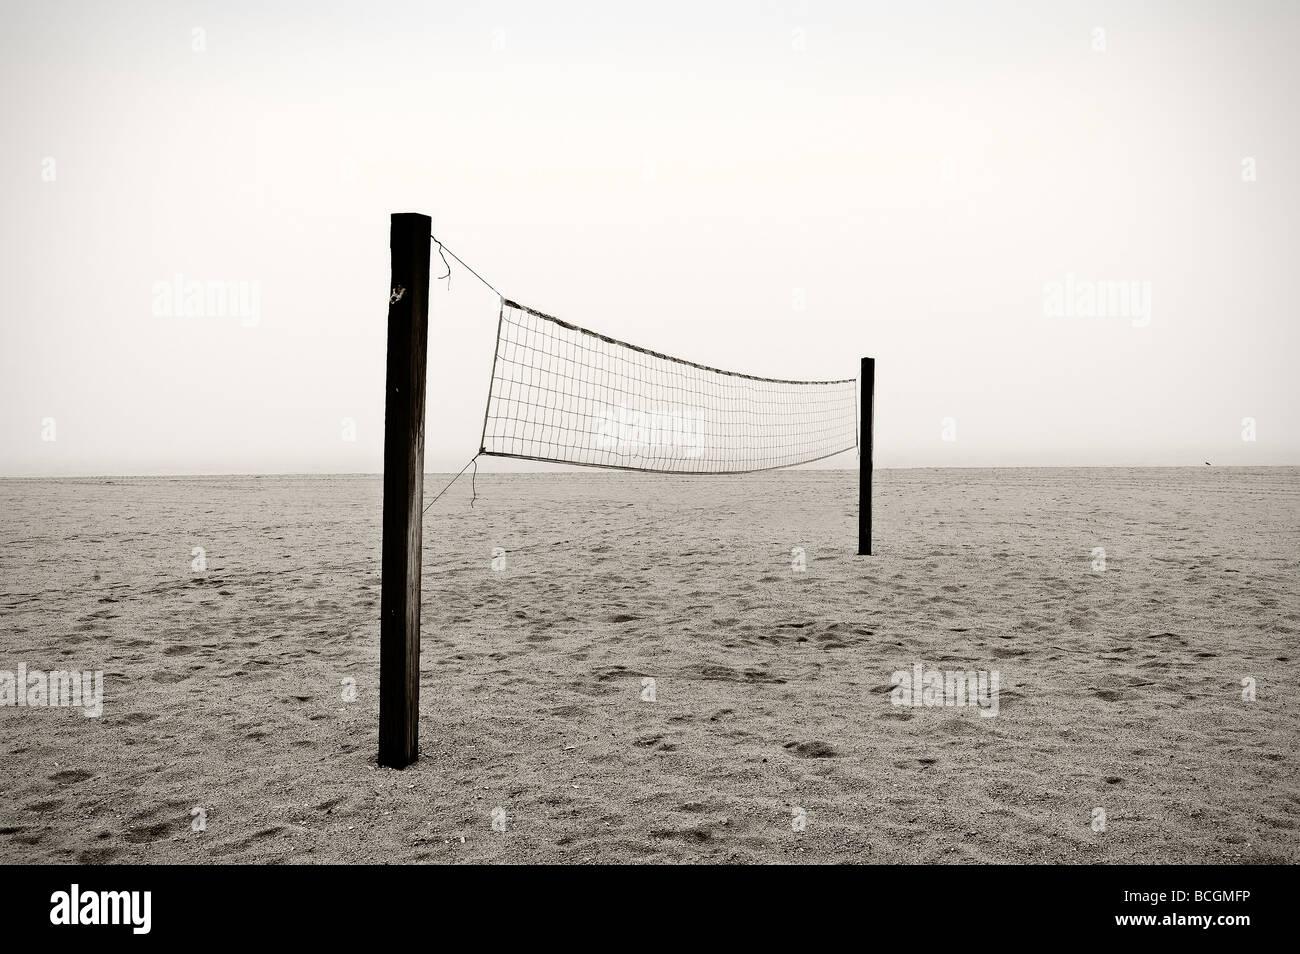 Red de voleibol de playa Imagen De Stock